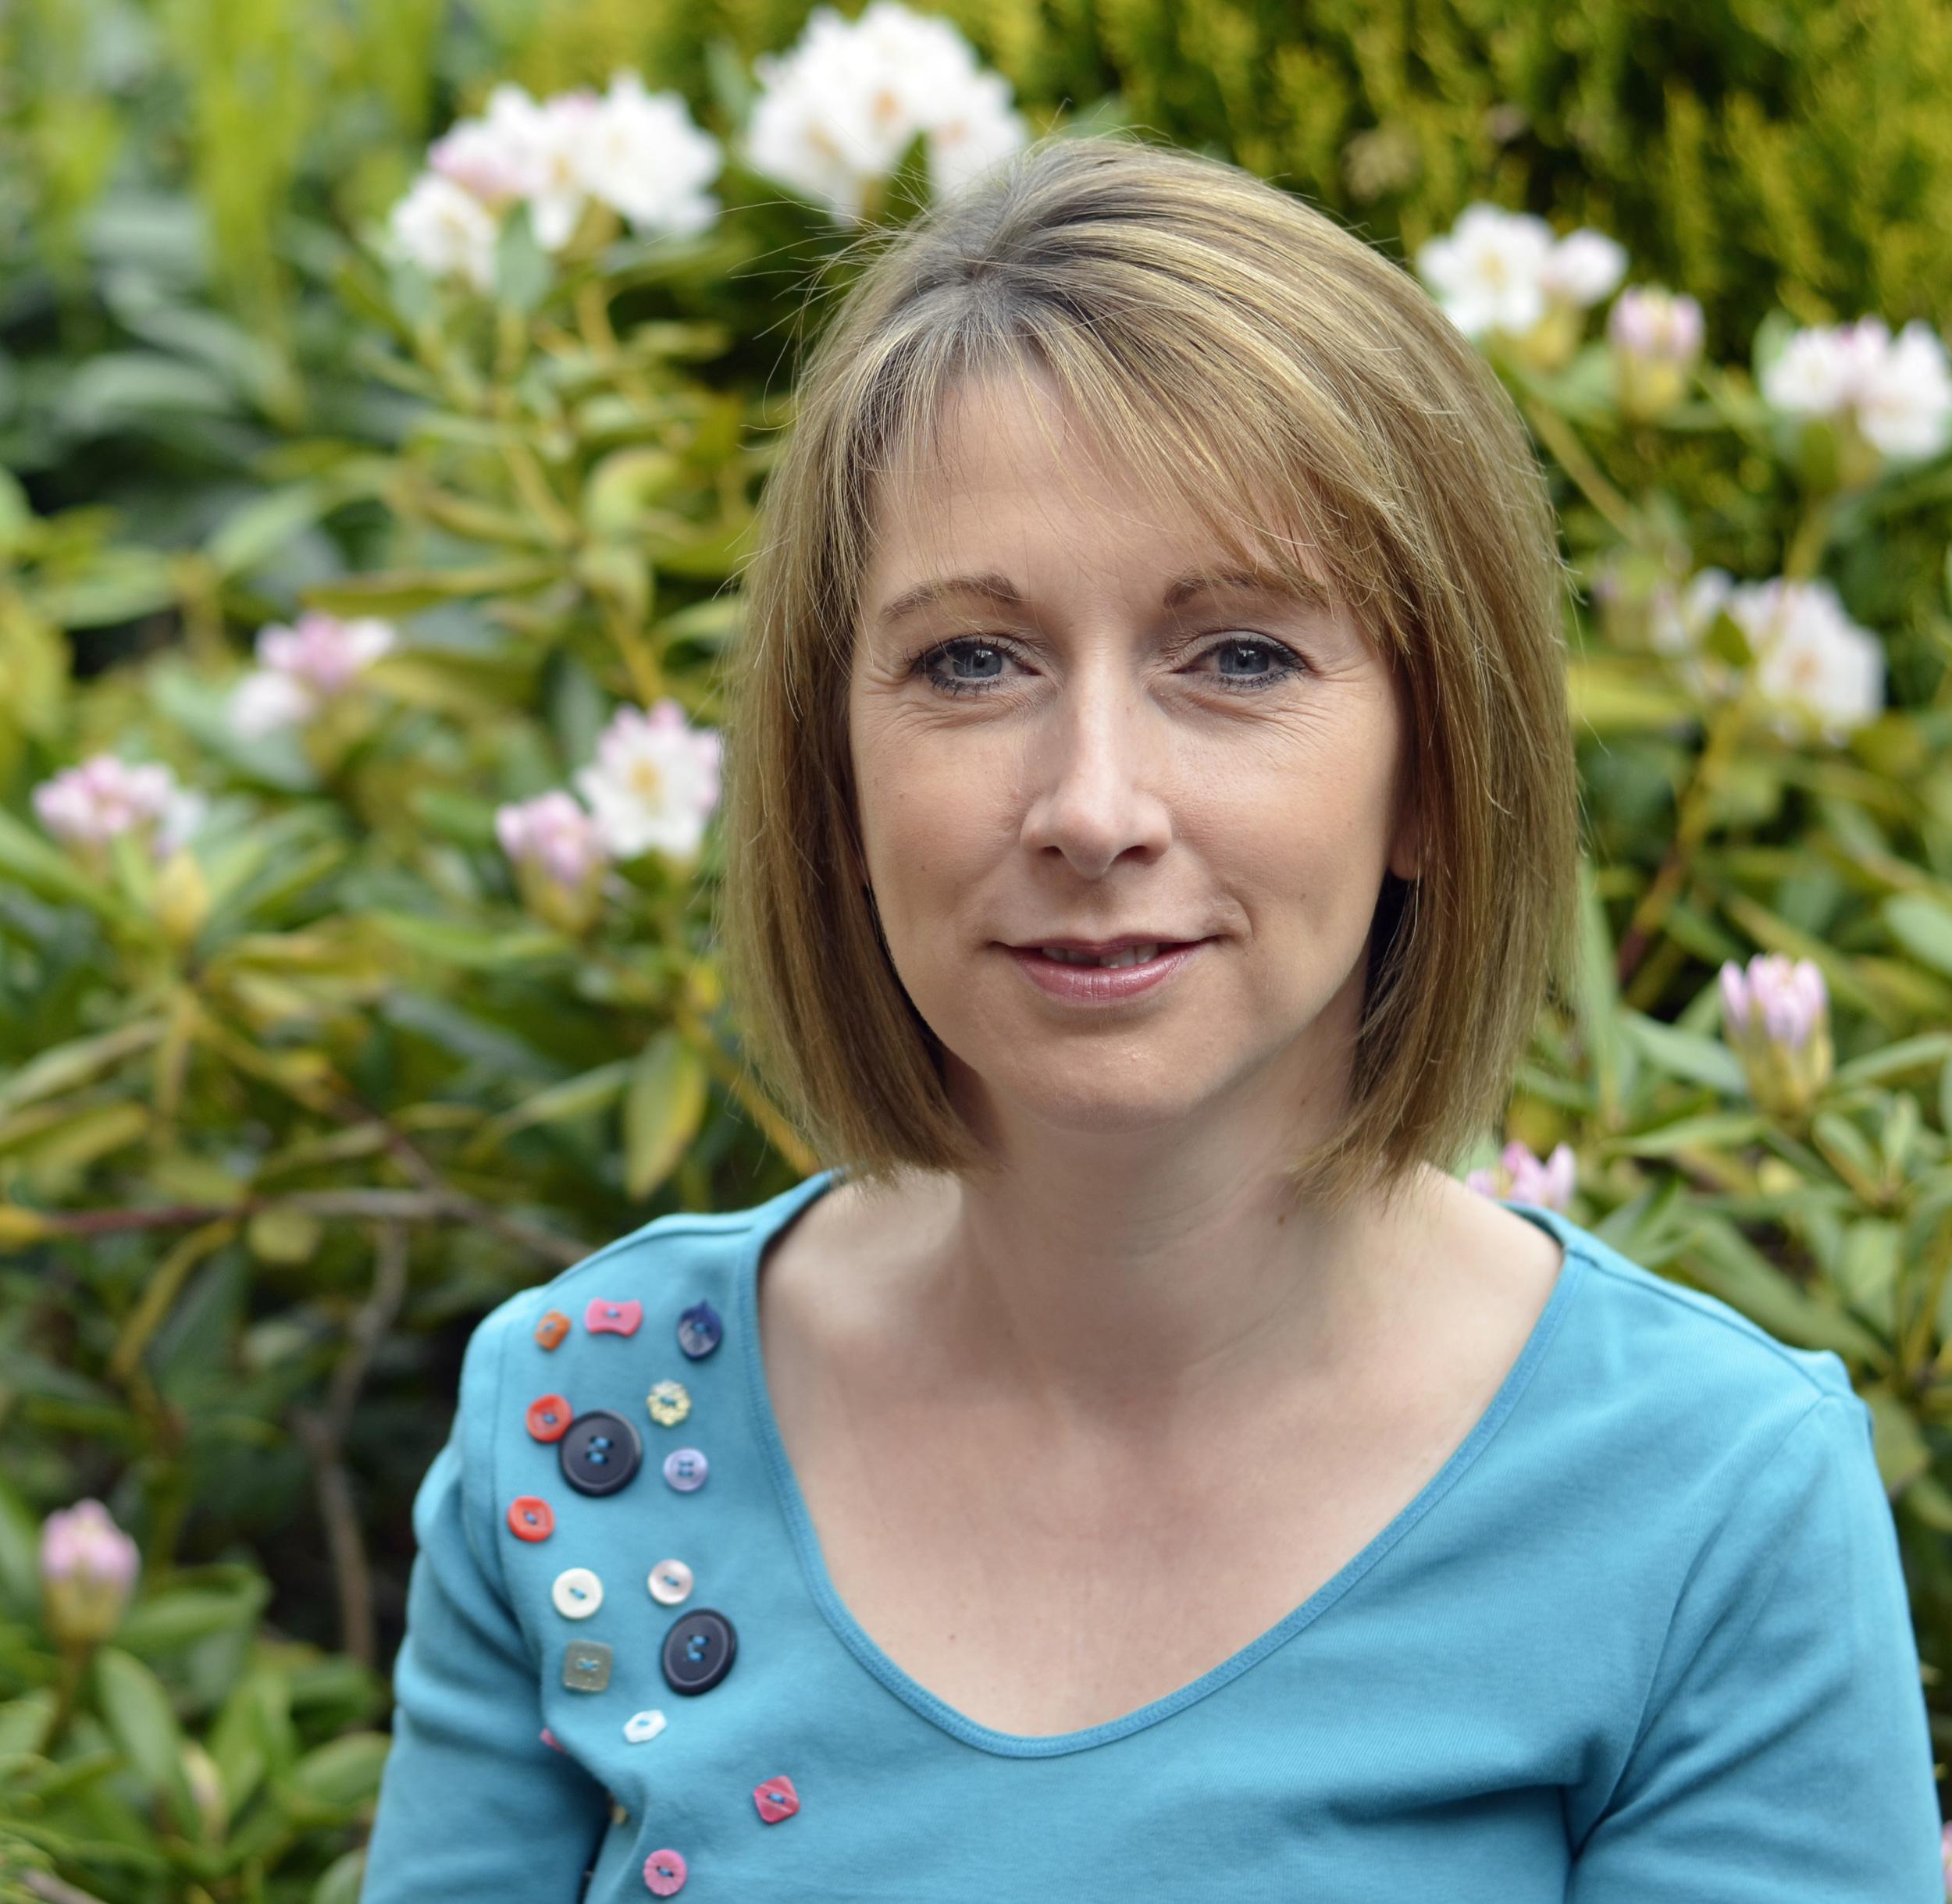 Liz Guthrie MAR, BA (Hons), Cert.Ed owner of Liz Guthrie Beauty